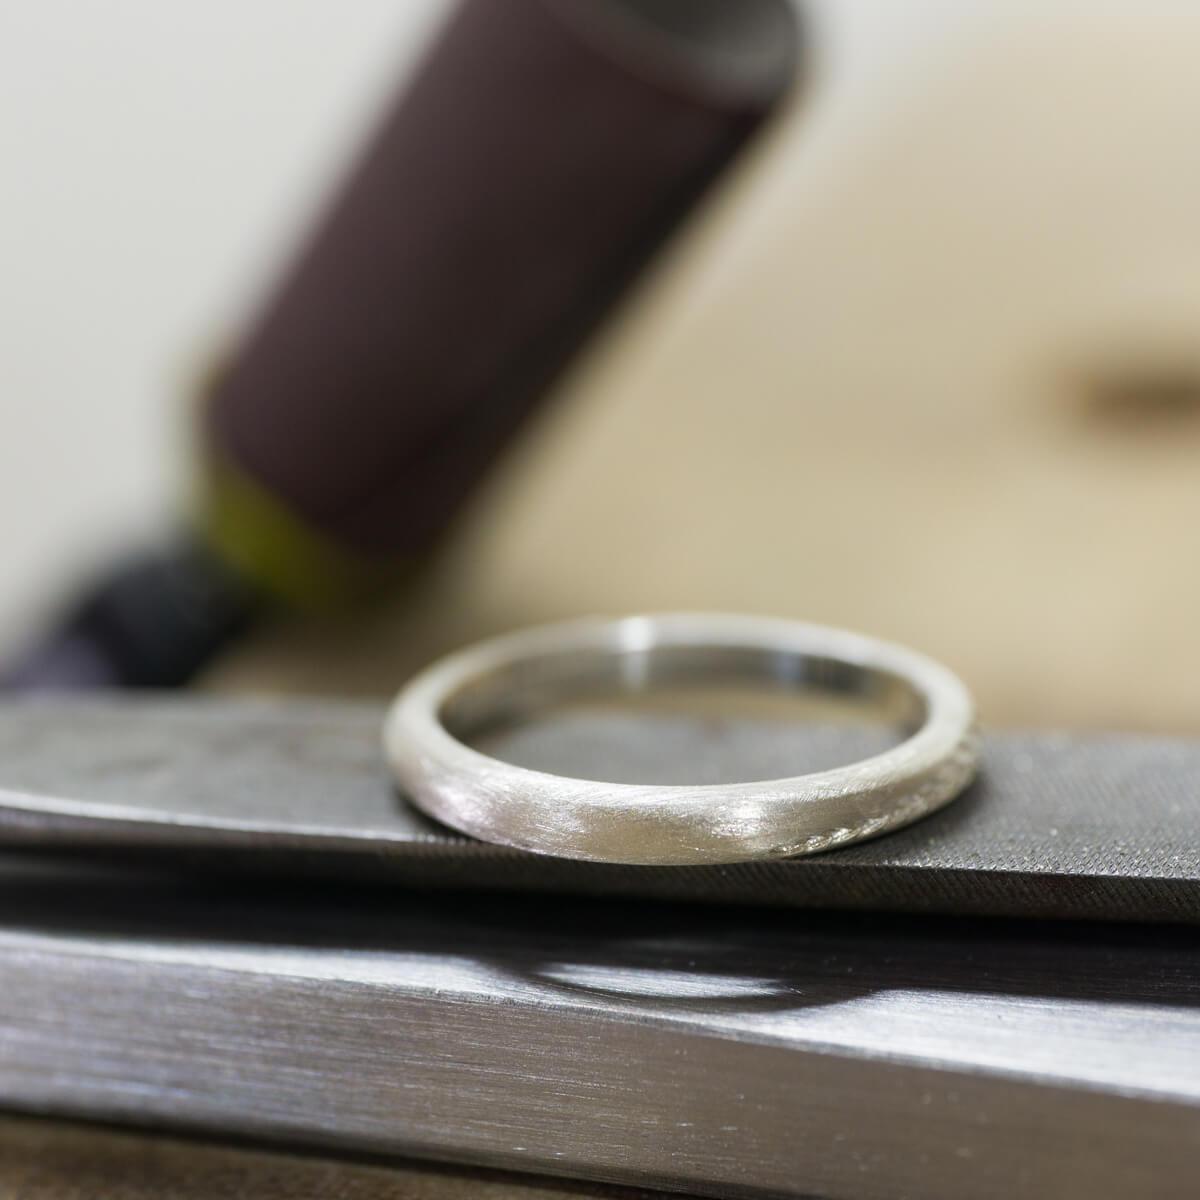 オーダーメイドマリッジリングの制作風景 ジュエリーのアトリエにシルバーリング 屋久島のシダモチーフ 屋久島でつくる結婚指輪